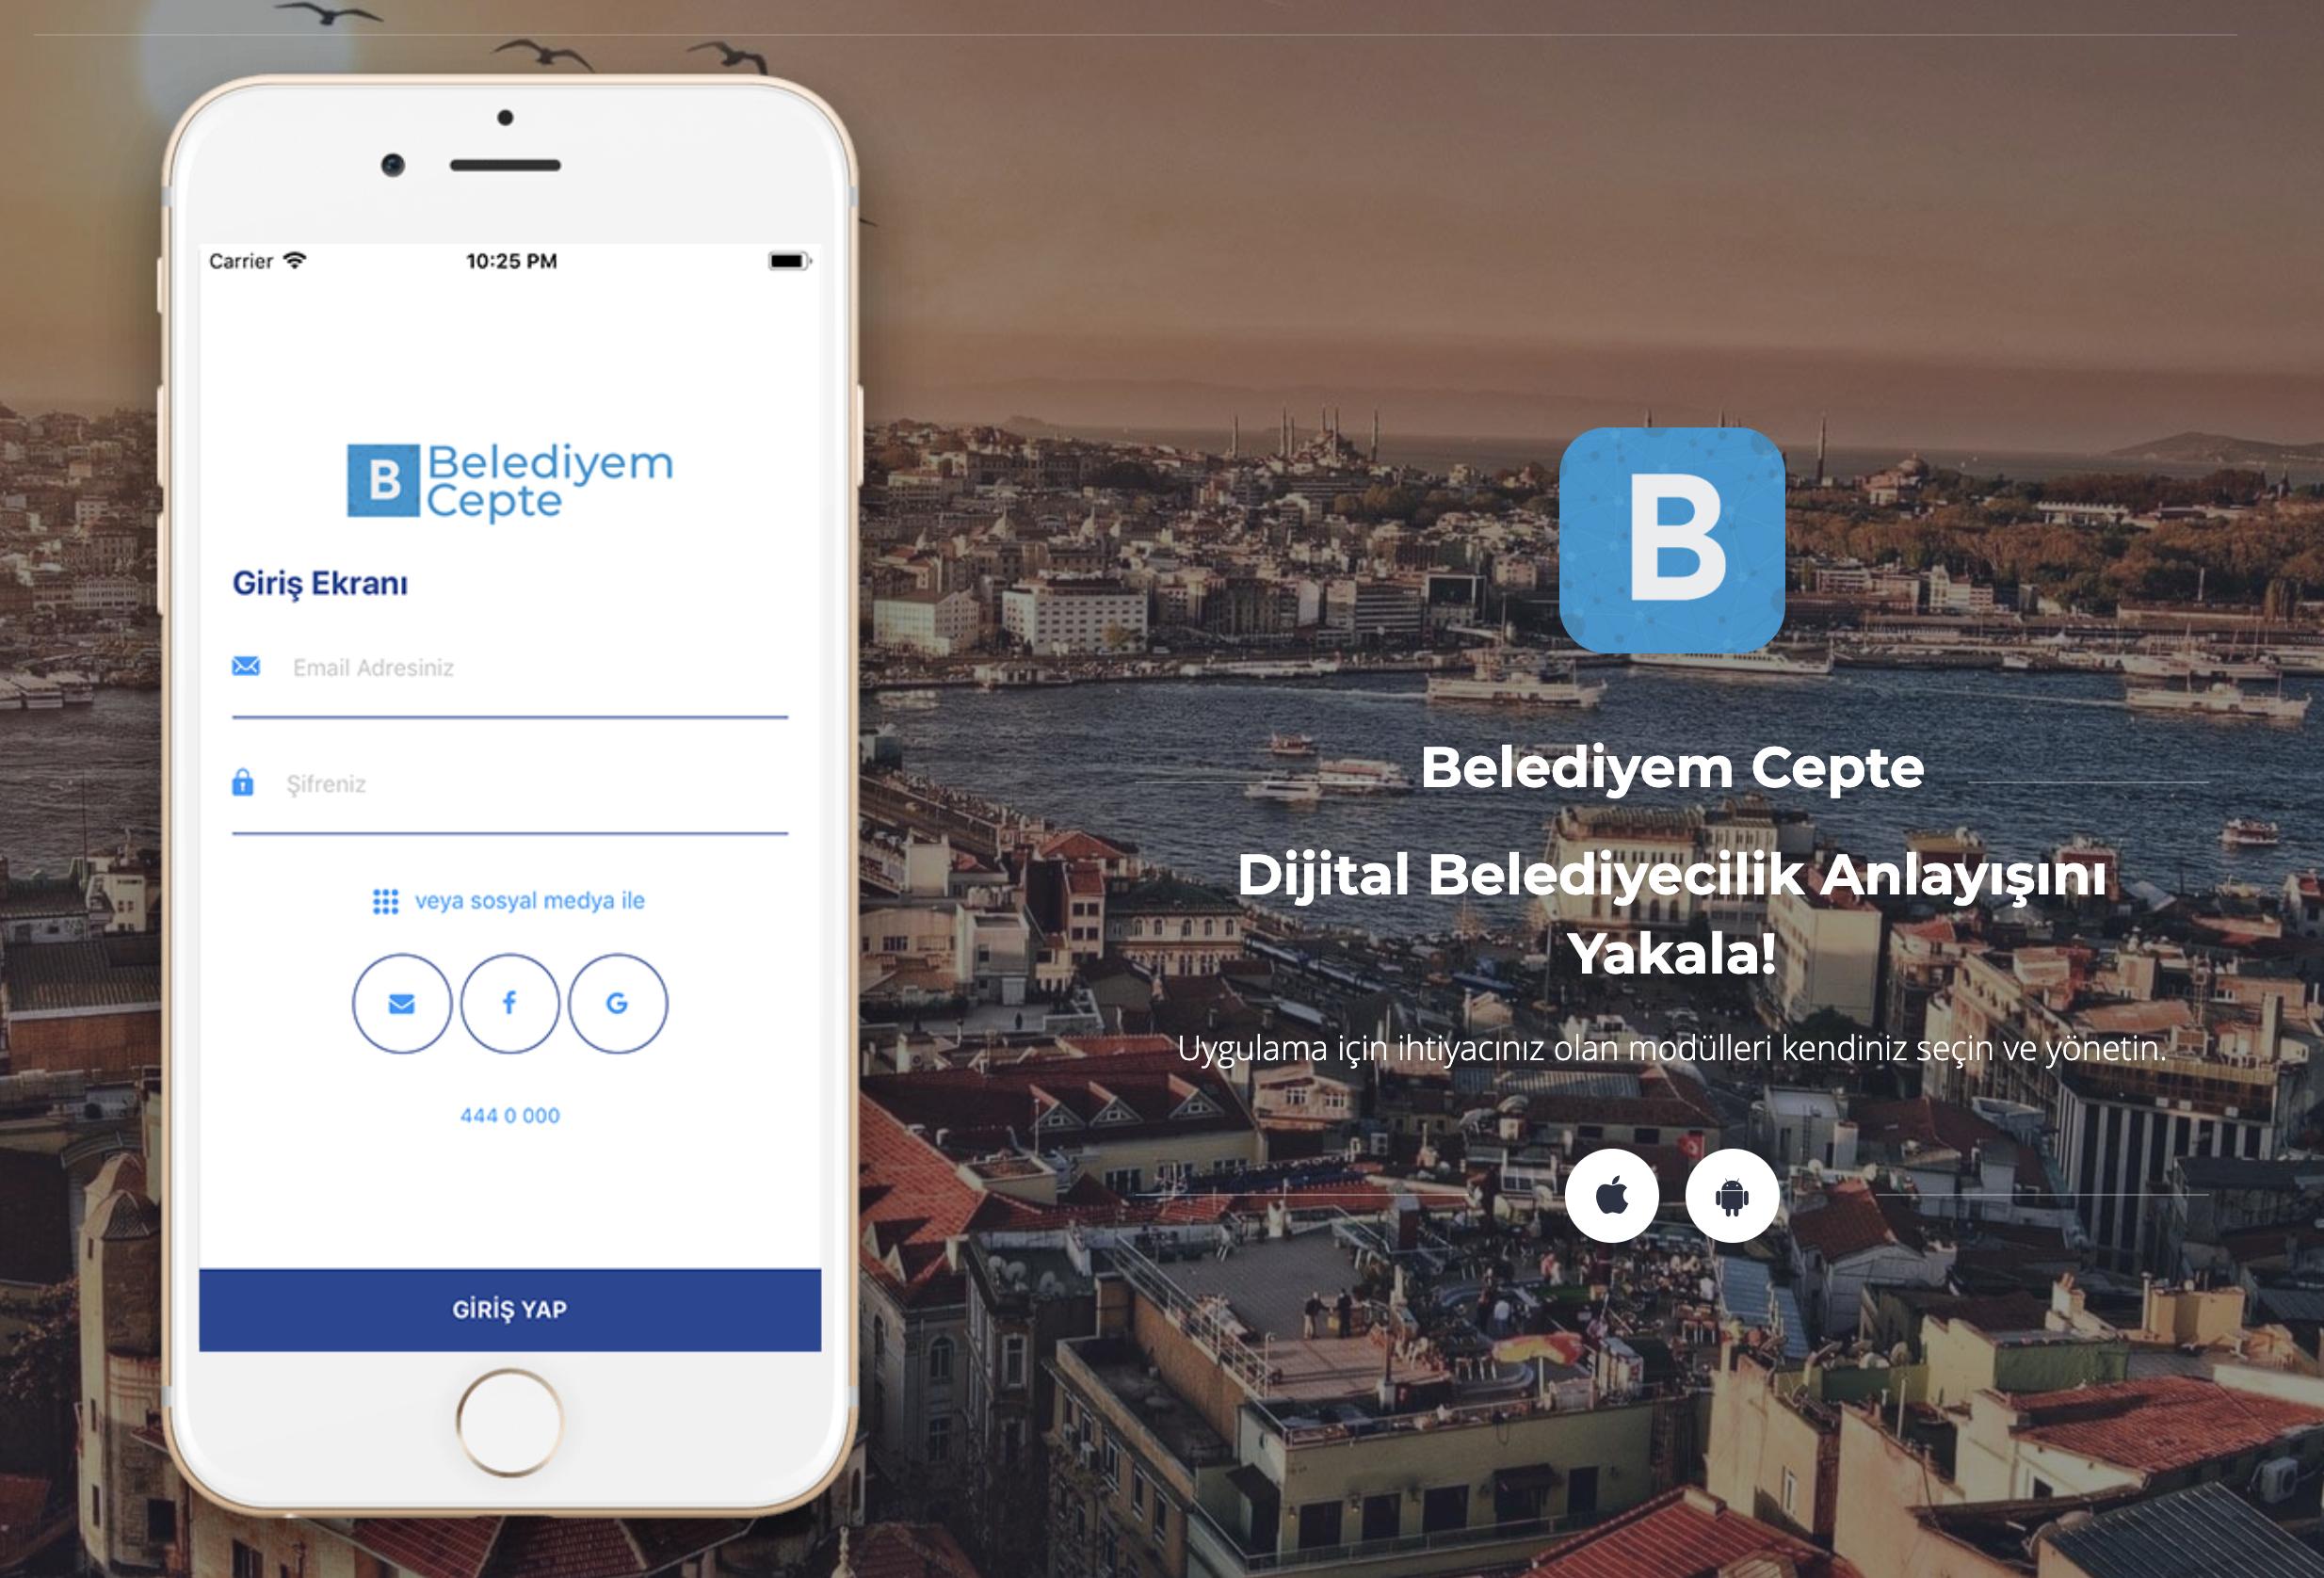 """Belediyeler İçin Mobil Uygulama """"Belediyem Cepte""""    Artık birçok belediye vatandaş ile iletişim gücünü daha da güçlendirmek için dijital ortamda yerini alıyor. Özellikle işleri kolaylaştırmak adına belediyecilikte kullanılan uygulamalar belediyelere özel yazılımlar… devamını gör •••"""